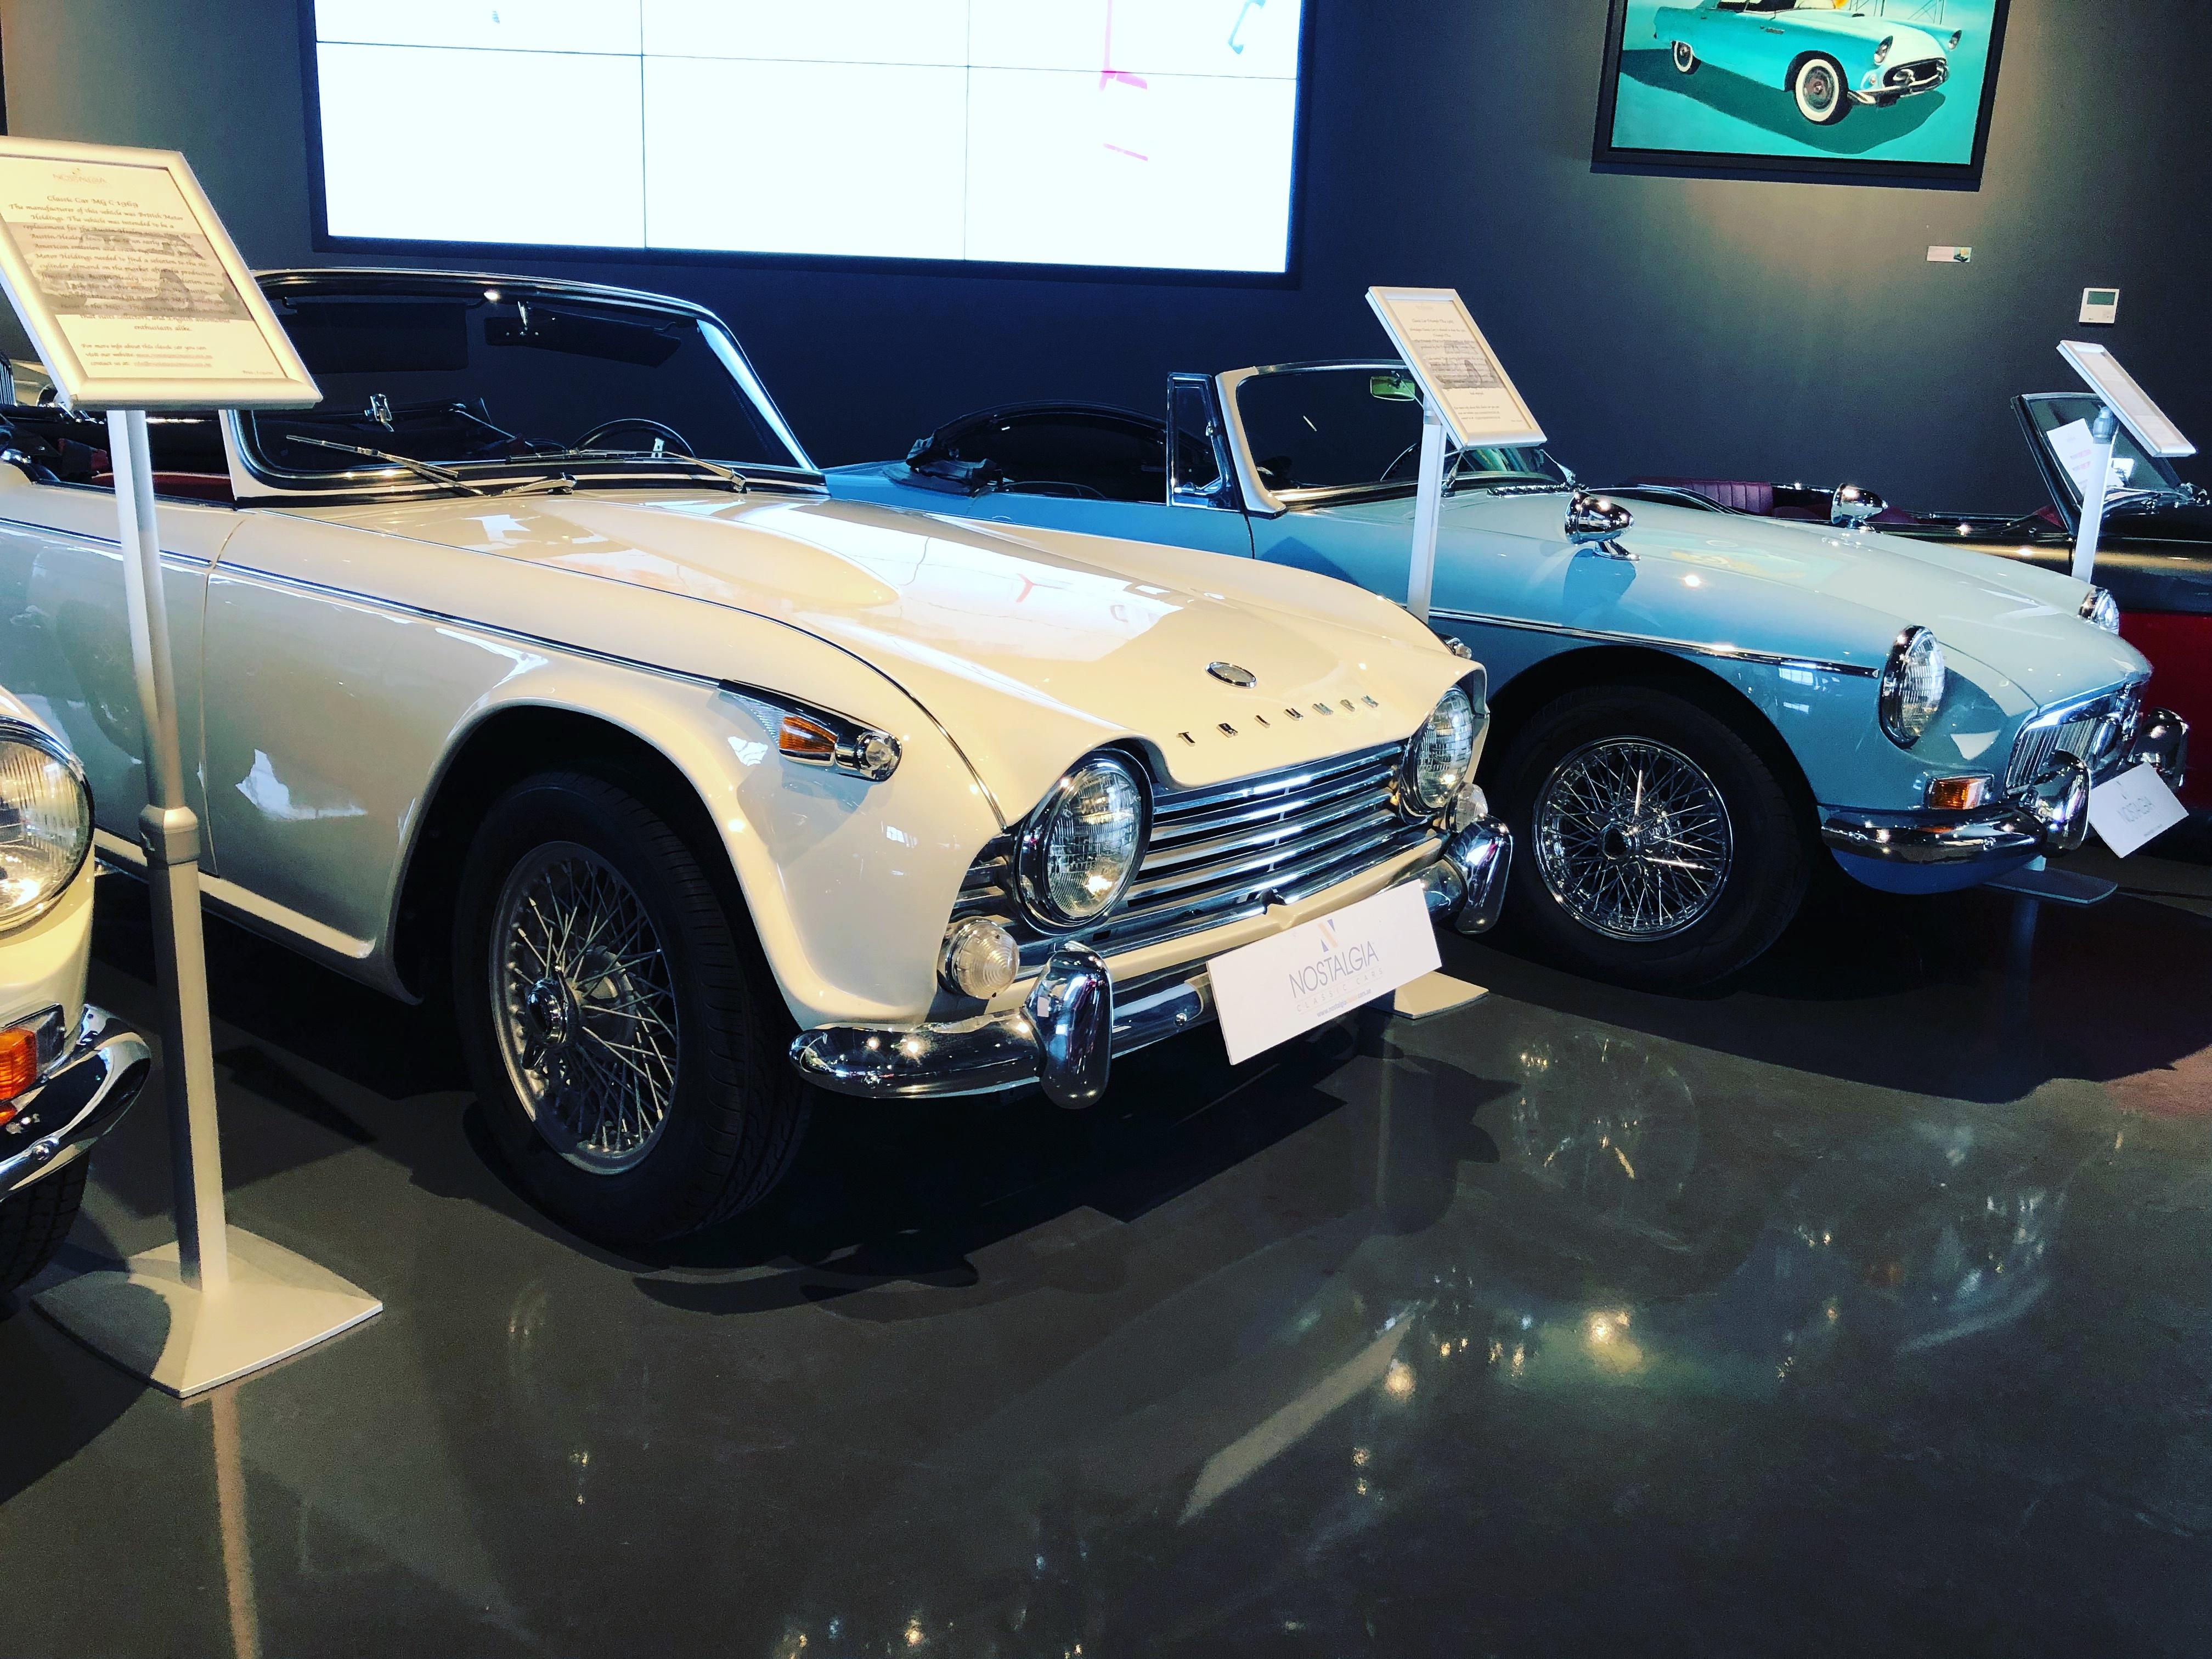 1966 Triumph Tr4 Vintage Car For Sale